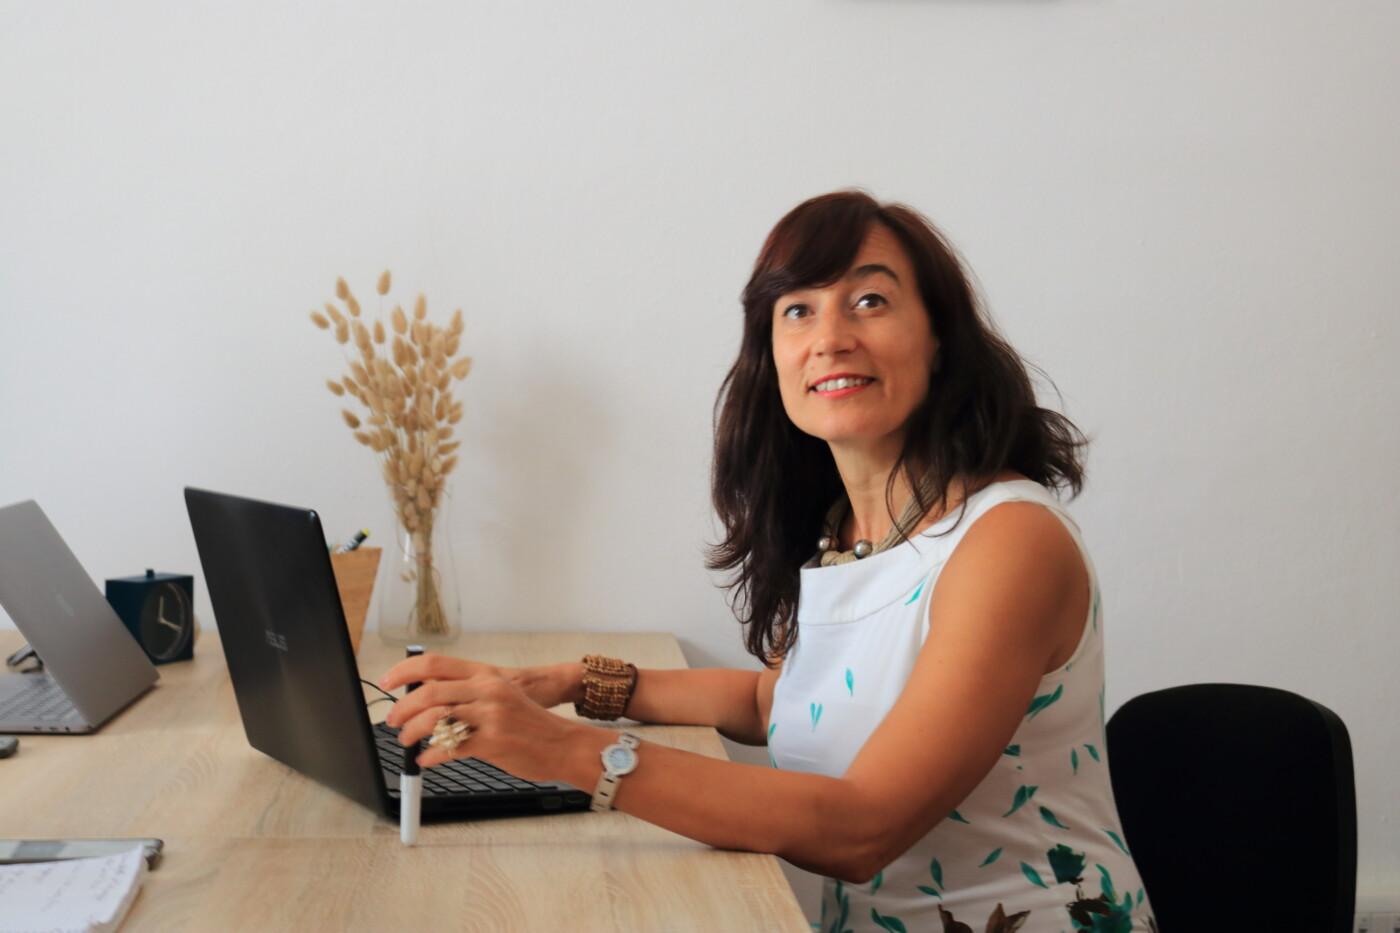 Silvia Tonti - Life & Business Coach